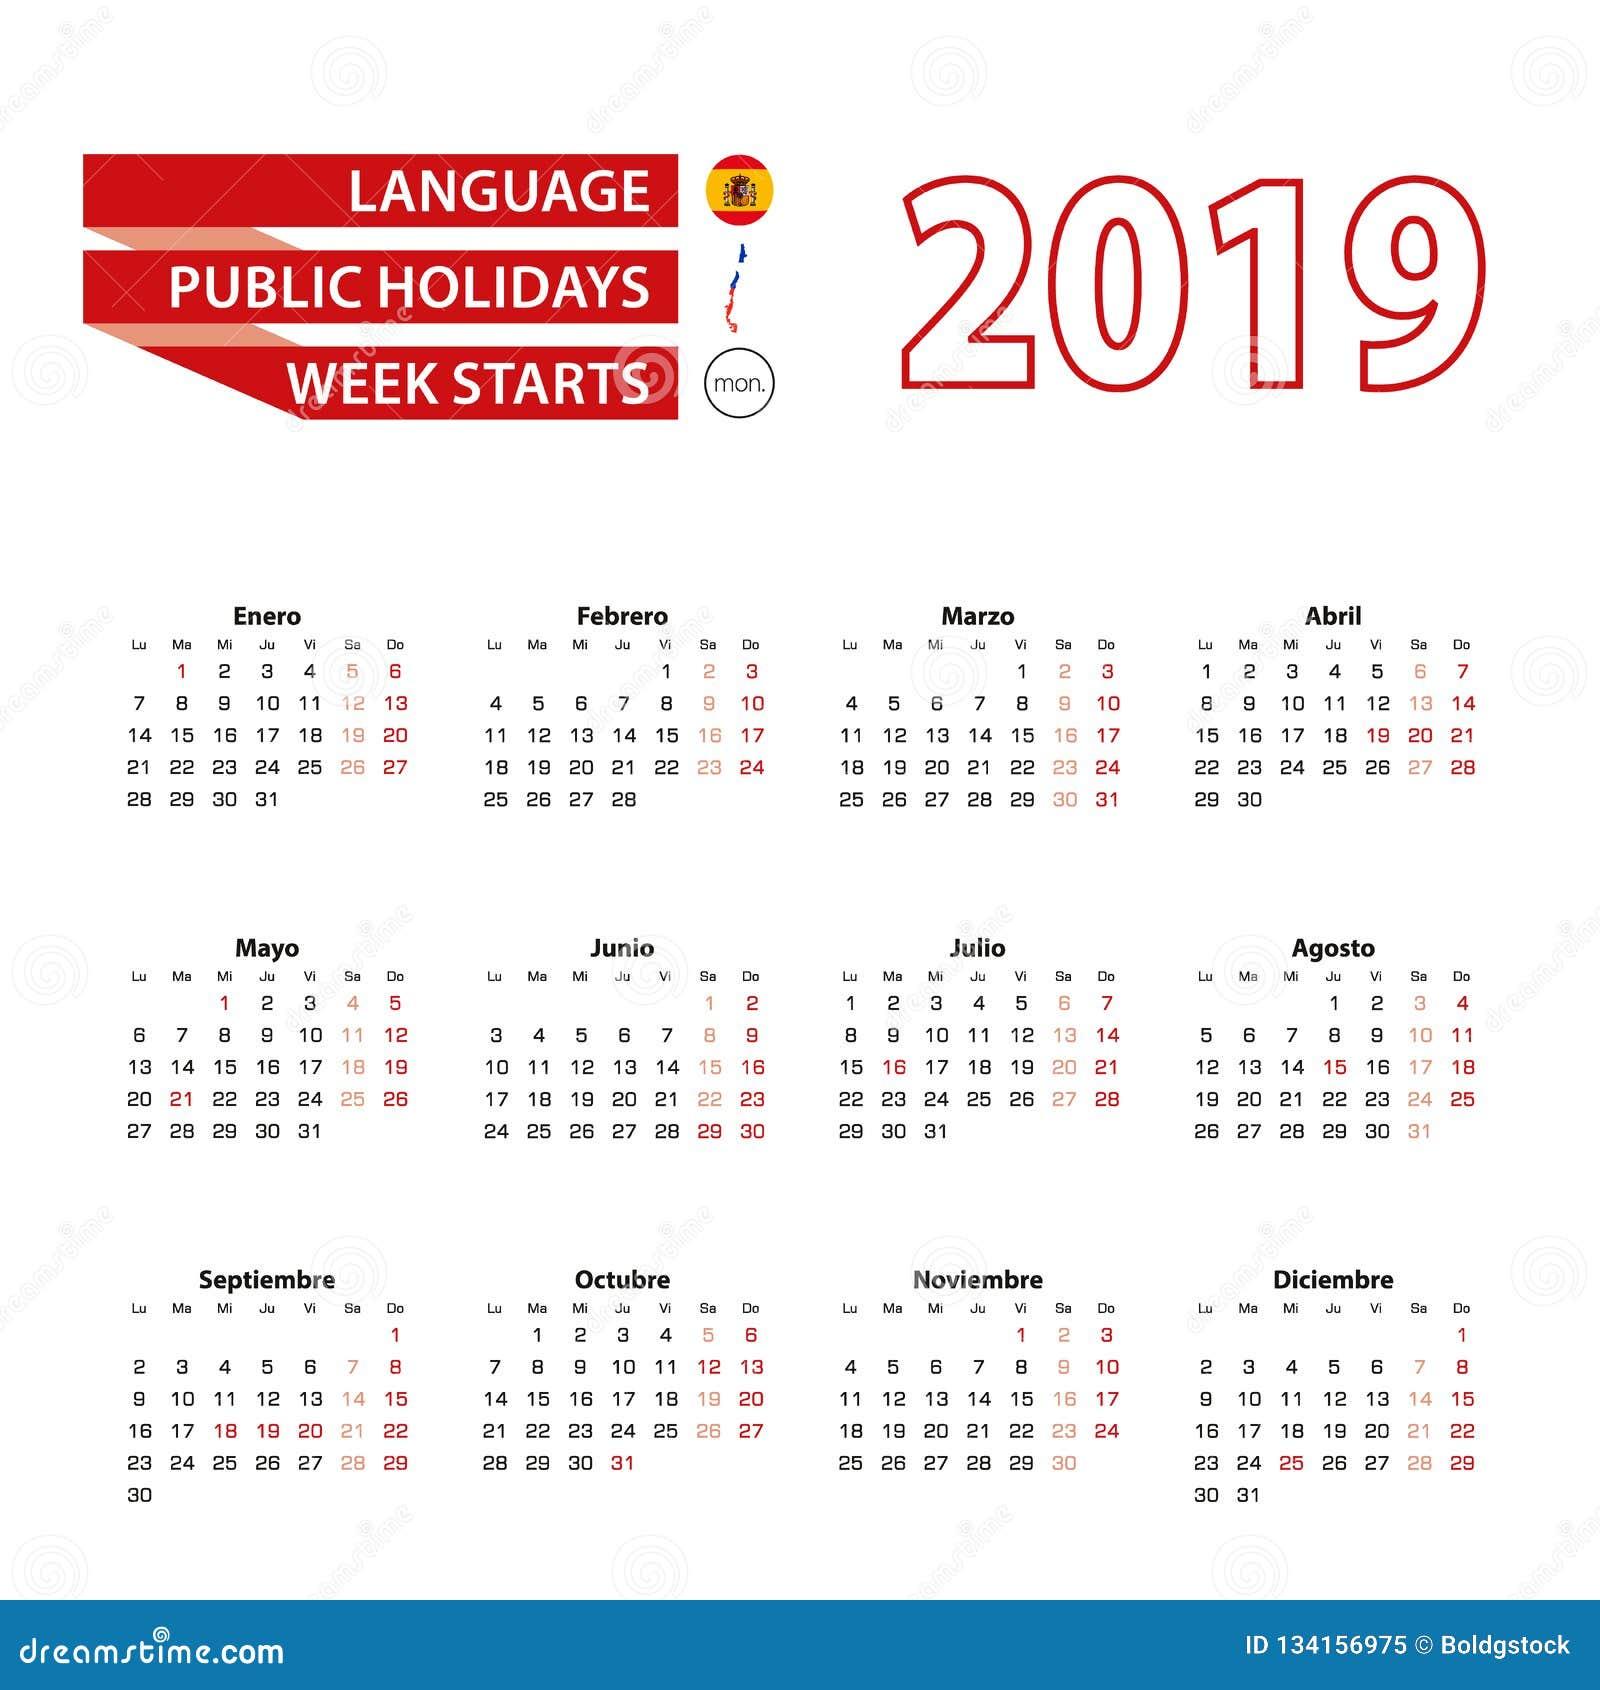 Calendario Con Semanas 2019 Chile.Calendario 2019 En Lengua Espanola Con Dias Festivos El Pais